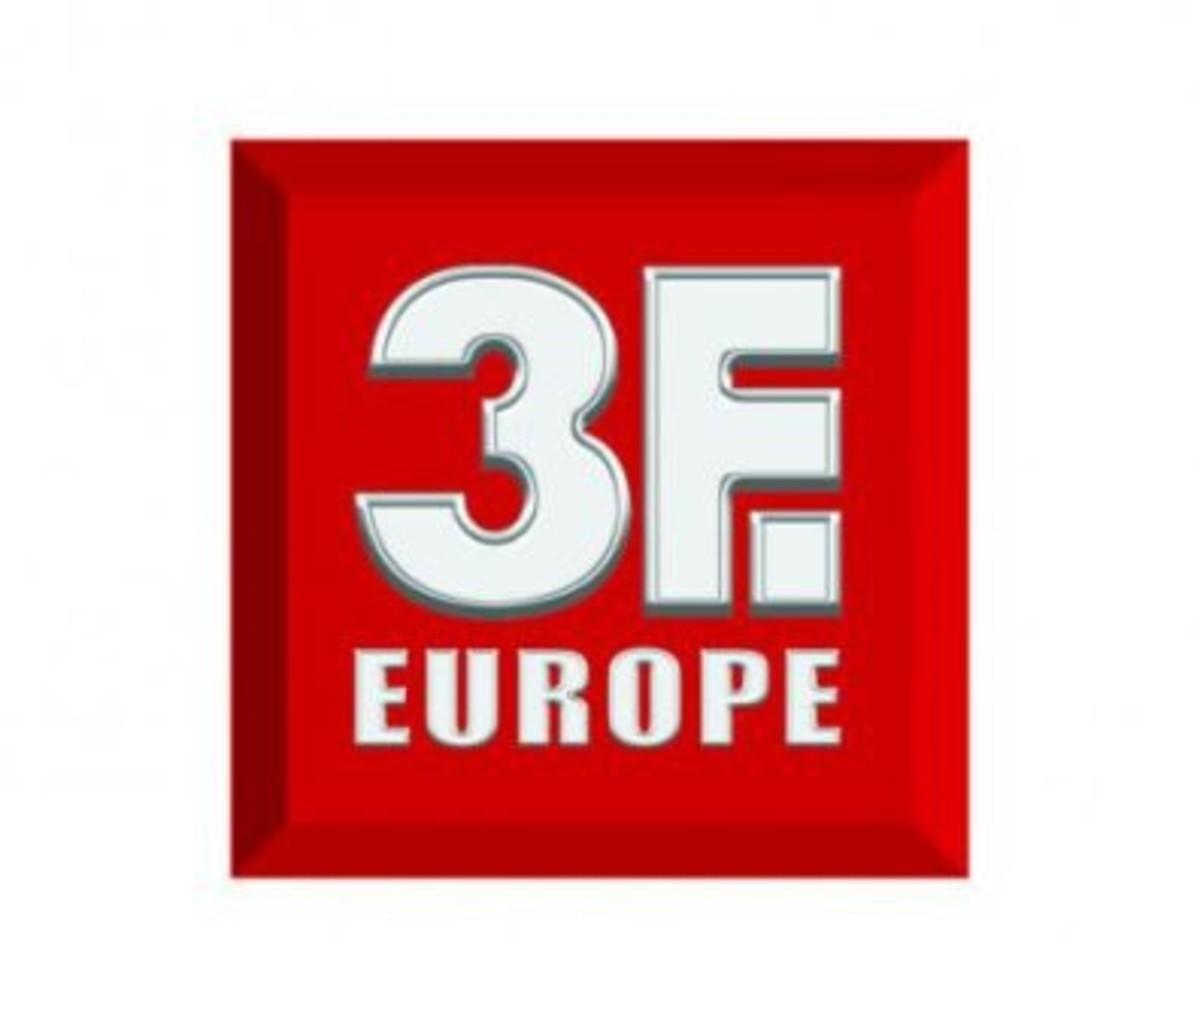 Bild 2 von 3F Hautzange mit Scherenaugen, 10 cm aus rostfreiem Stahl